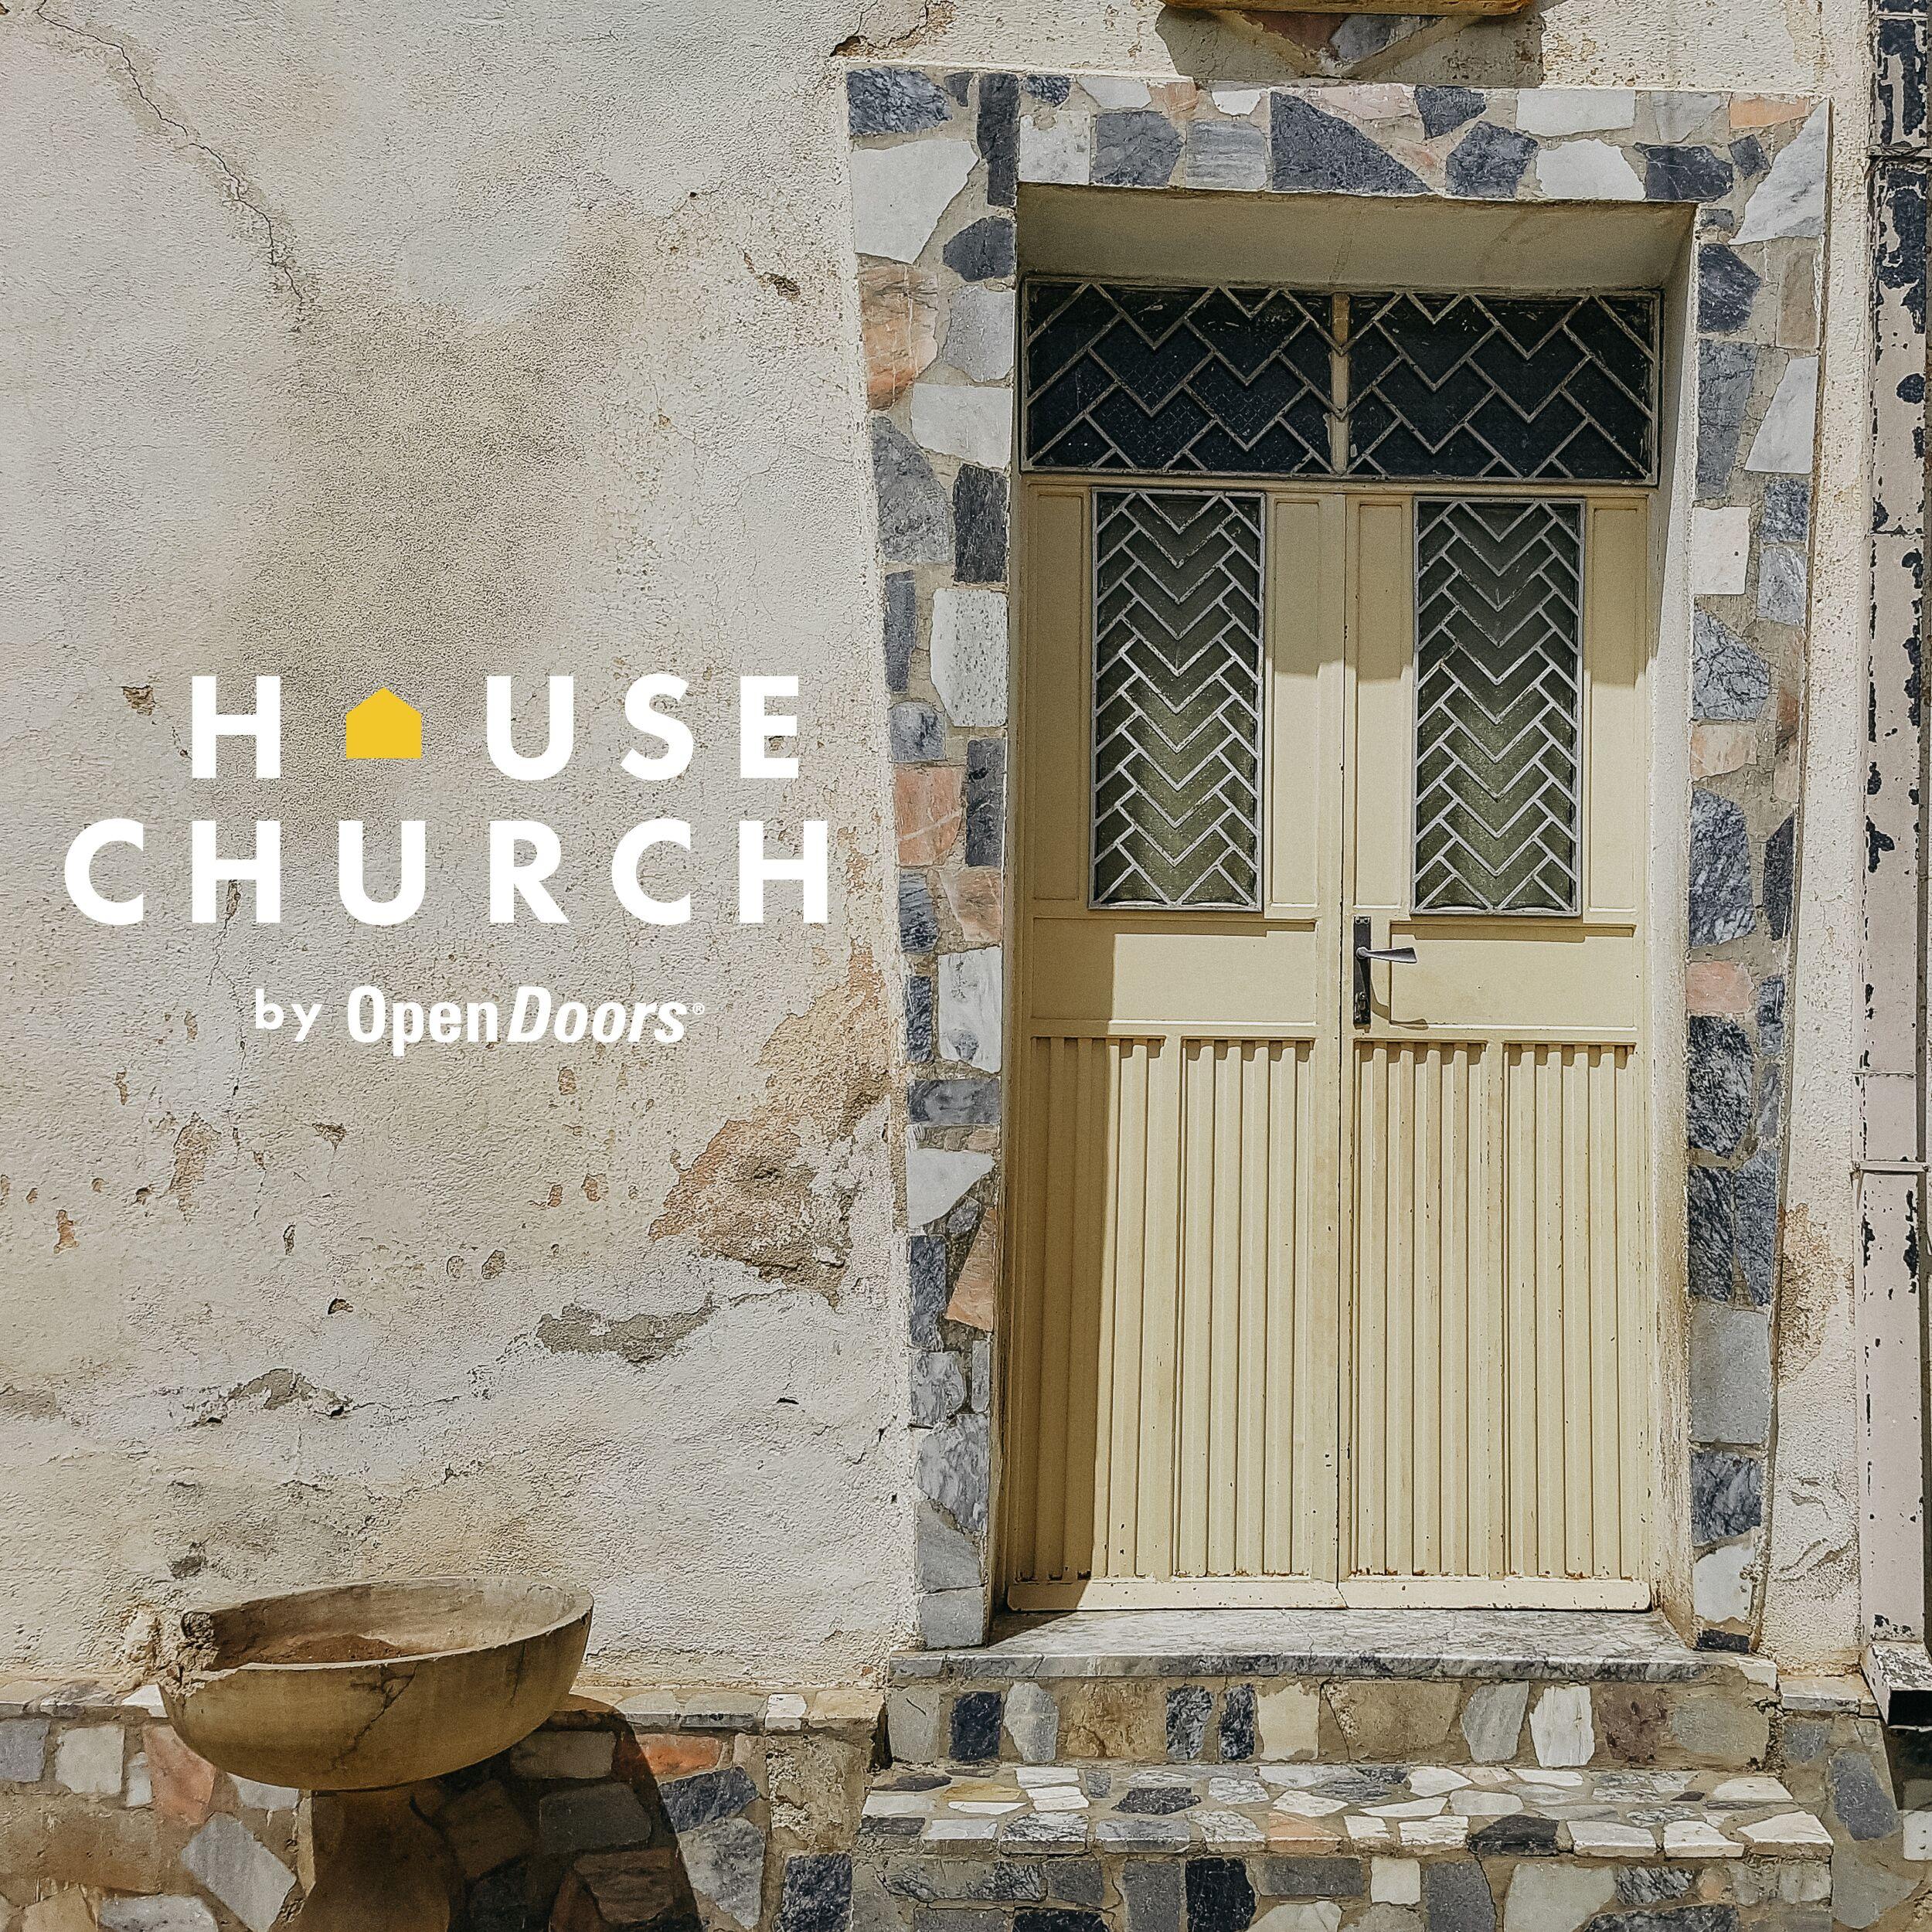 Open Doors House Church